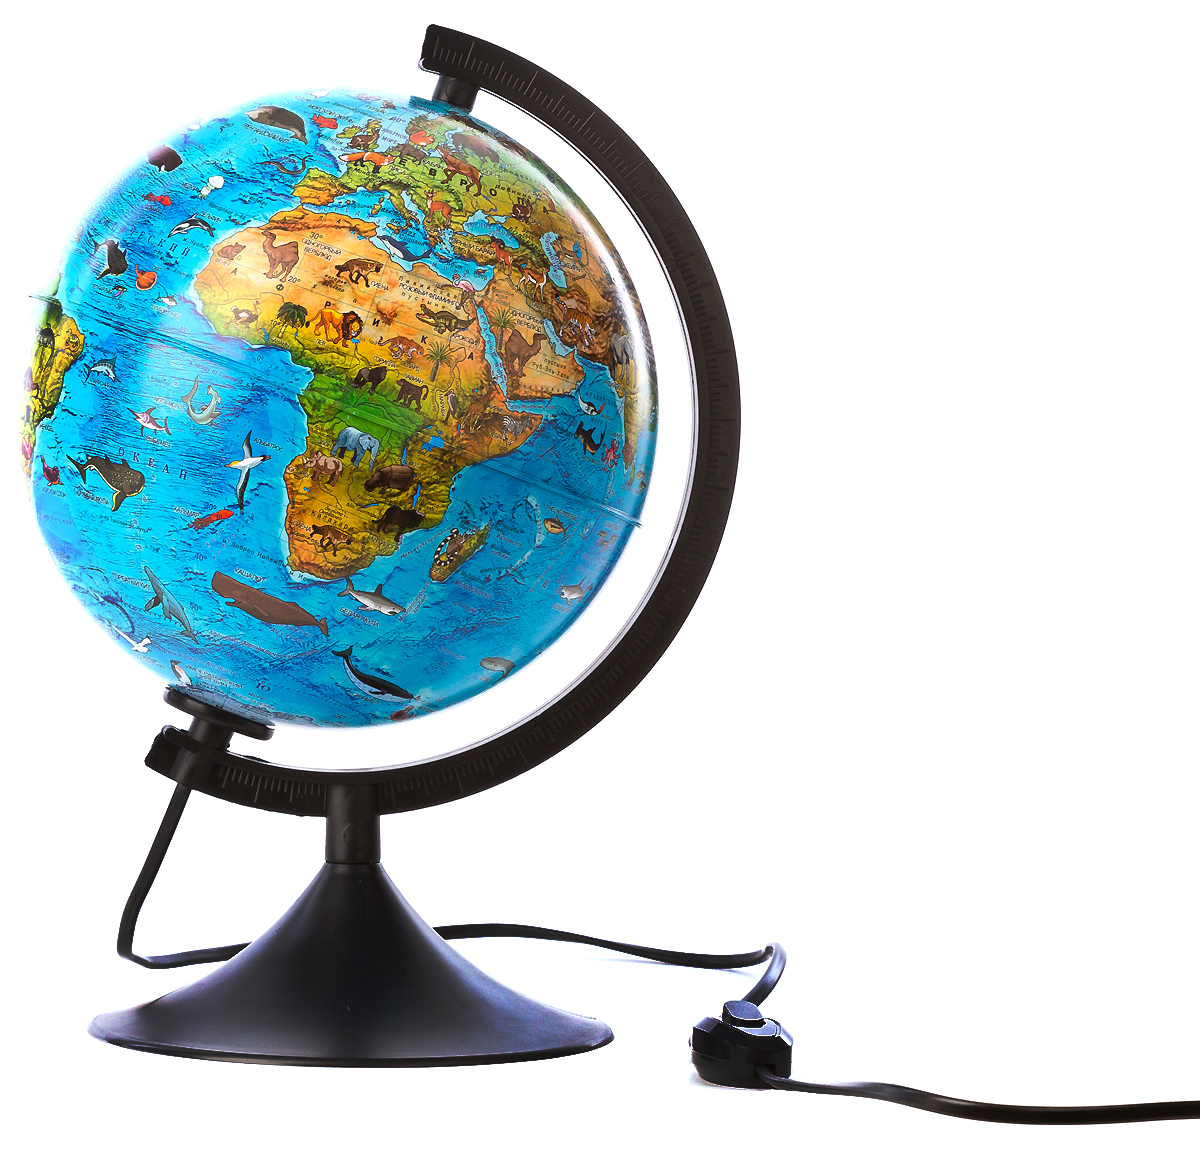 Globen Глобус Земли зоогеографический детский с подсветкой диаметр 21 см цвет подставки черныйК012100206Зоогеографический глобус Земли Globen выполнен в высоком качестве, с четким и ярким изображением. Он дает представление о животных, обитающих в разных уголках планеты. На нем отображены названия материков, океанов и морей, крупных географических объектов, животные и некоторые виды растений, характерные для определенной местности.Глобус легко вращается вокруг своей оси, снабжен пластиковым меридианом с градусными отметками. Подставка изготовлена из пластика. Глобус имеет функцию подсветки от электрической сети. На кабеле питания имеется переключатель.Надписи на глобусе сделаны на русском языке. В комплект входит: глобус, подставка.